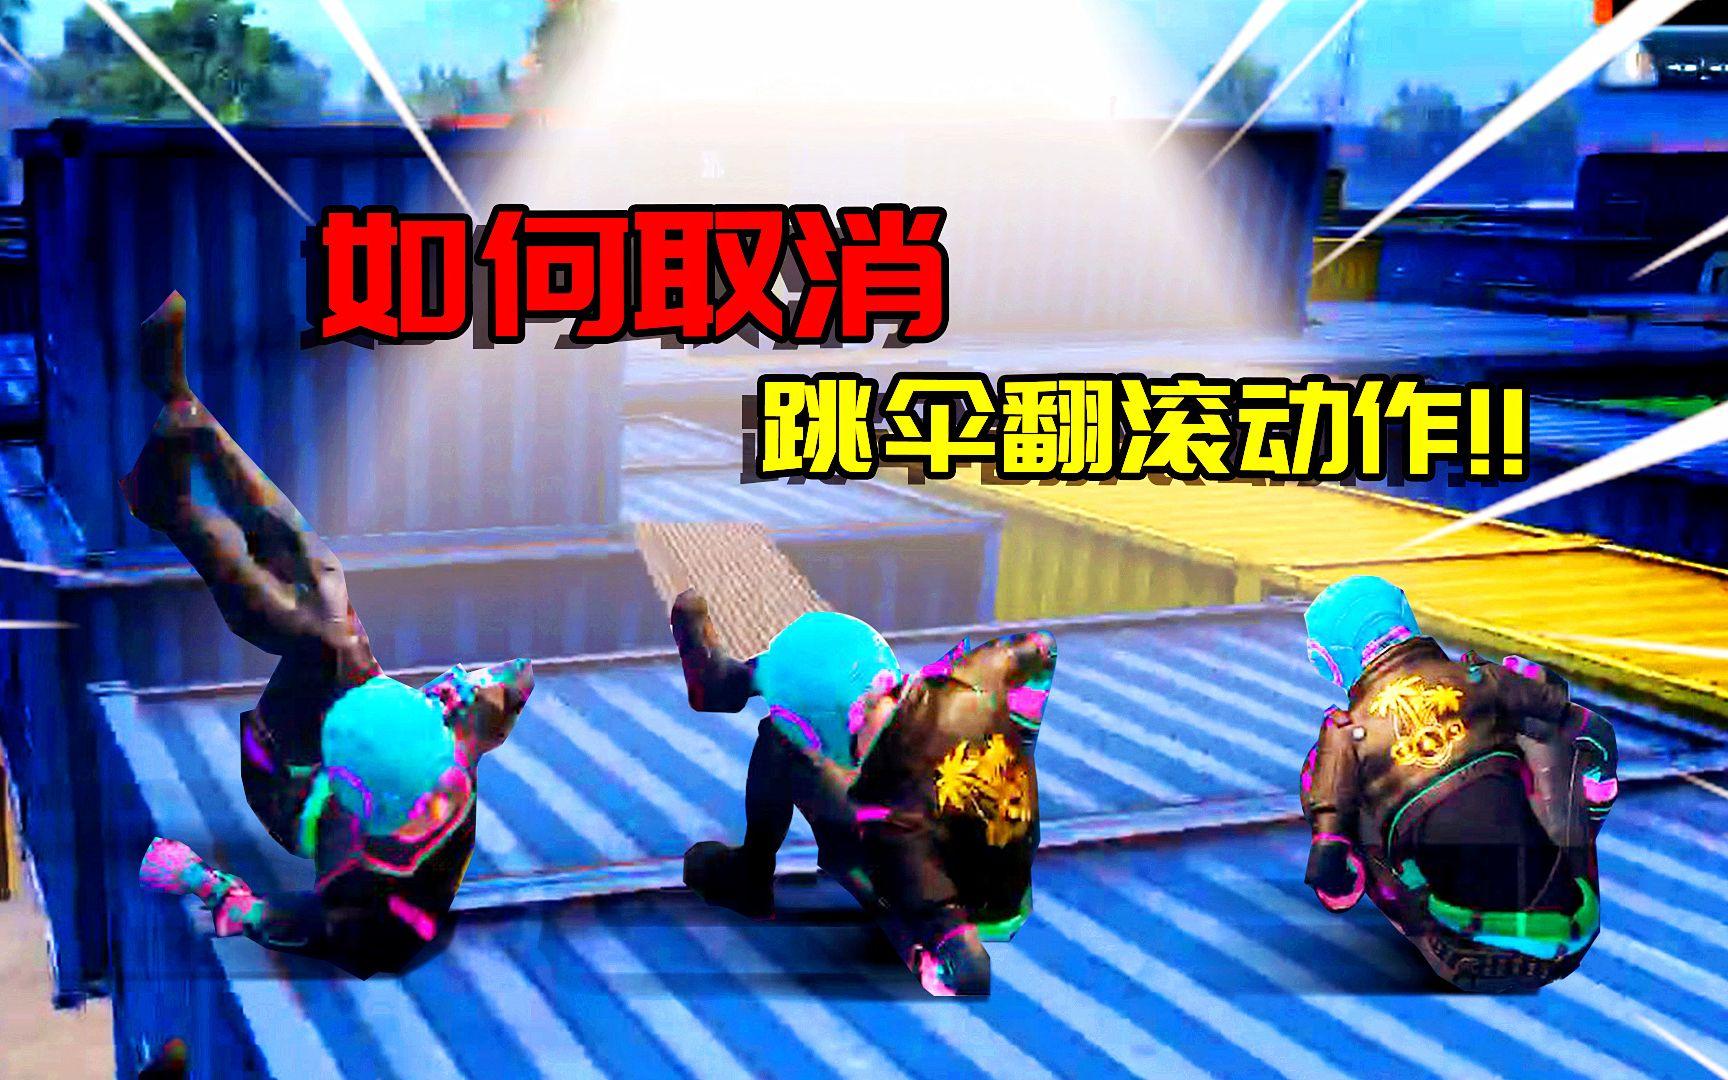 小猴子有答案33:如何取消跳傘翻滾動作。落地快人一步!_嗶哩嗶哩 (゜-゜)つロ 干杯~-bilibili